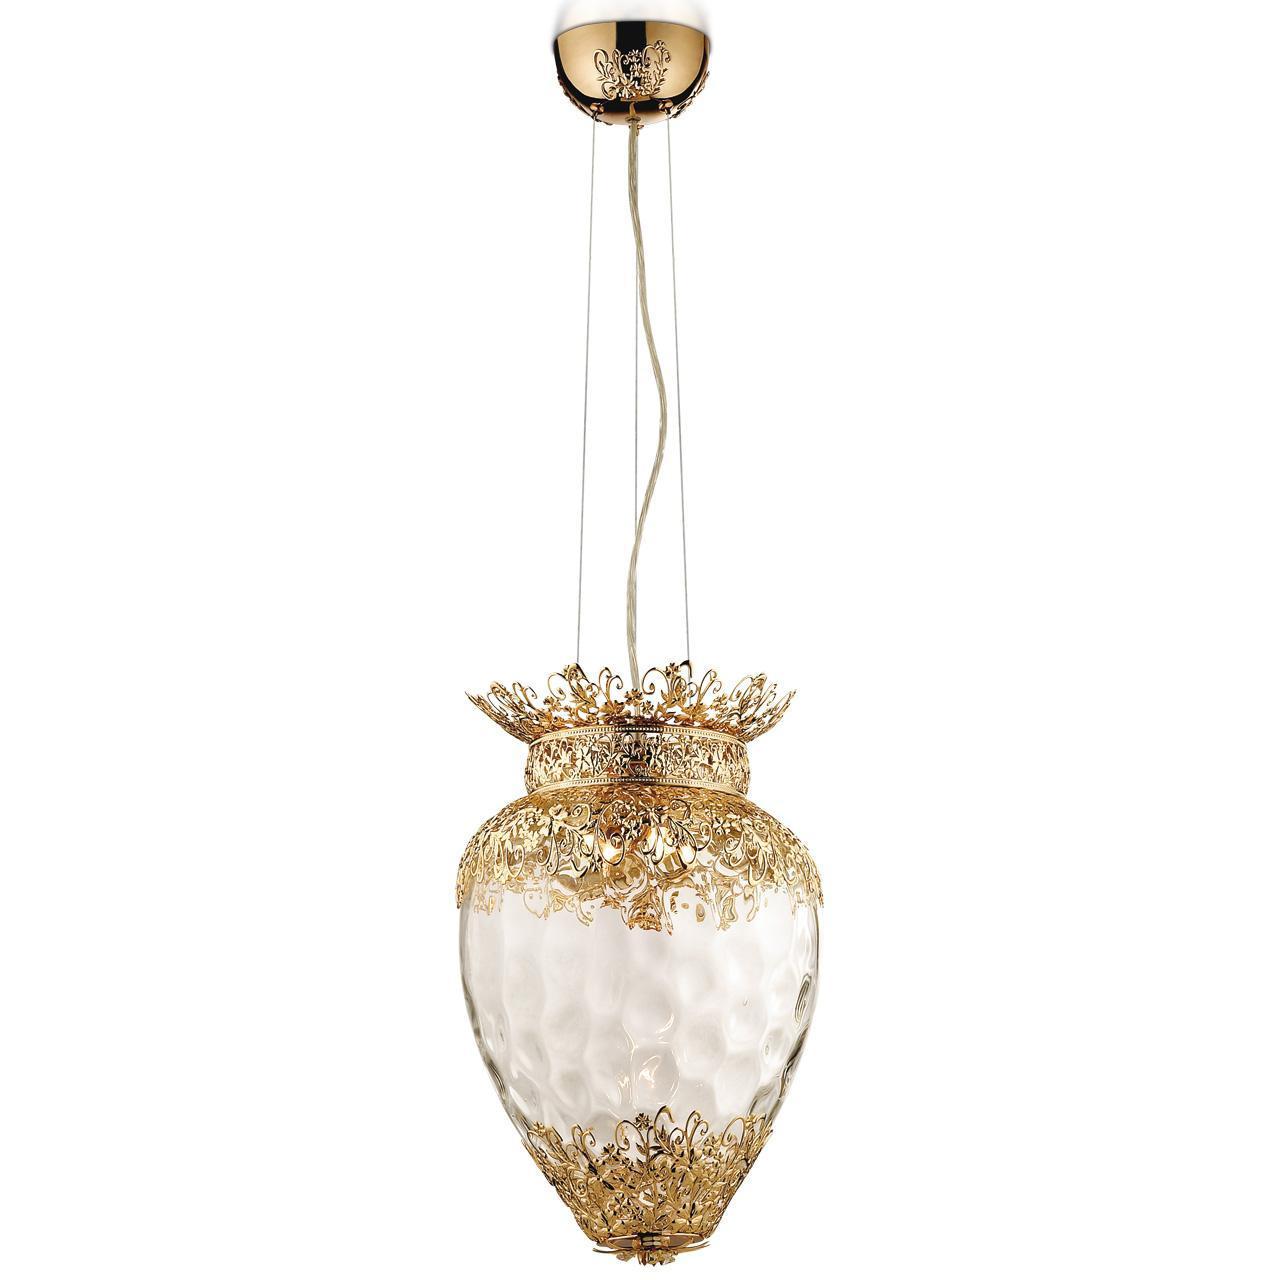 Подвесной светильник Odeon Light Petra 2675/4 светильник 2673 4 petra odeon 927400